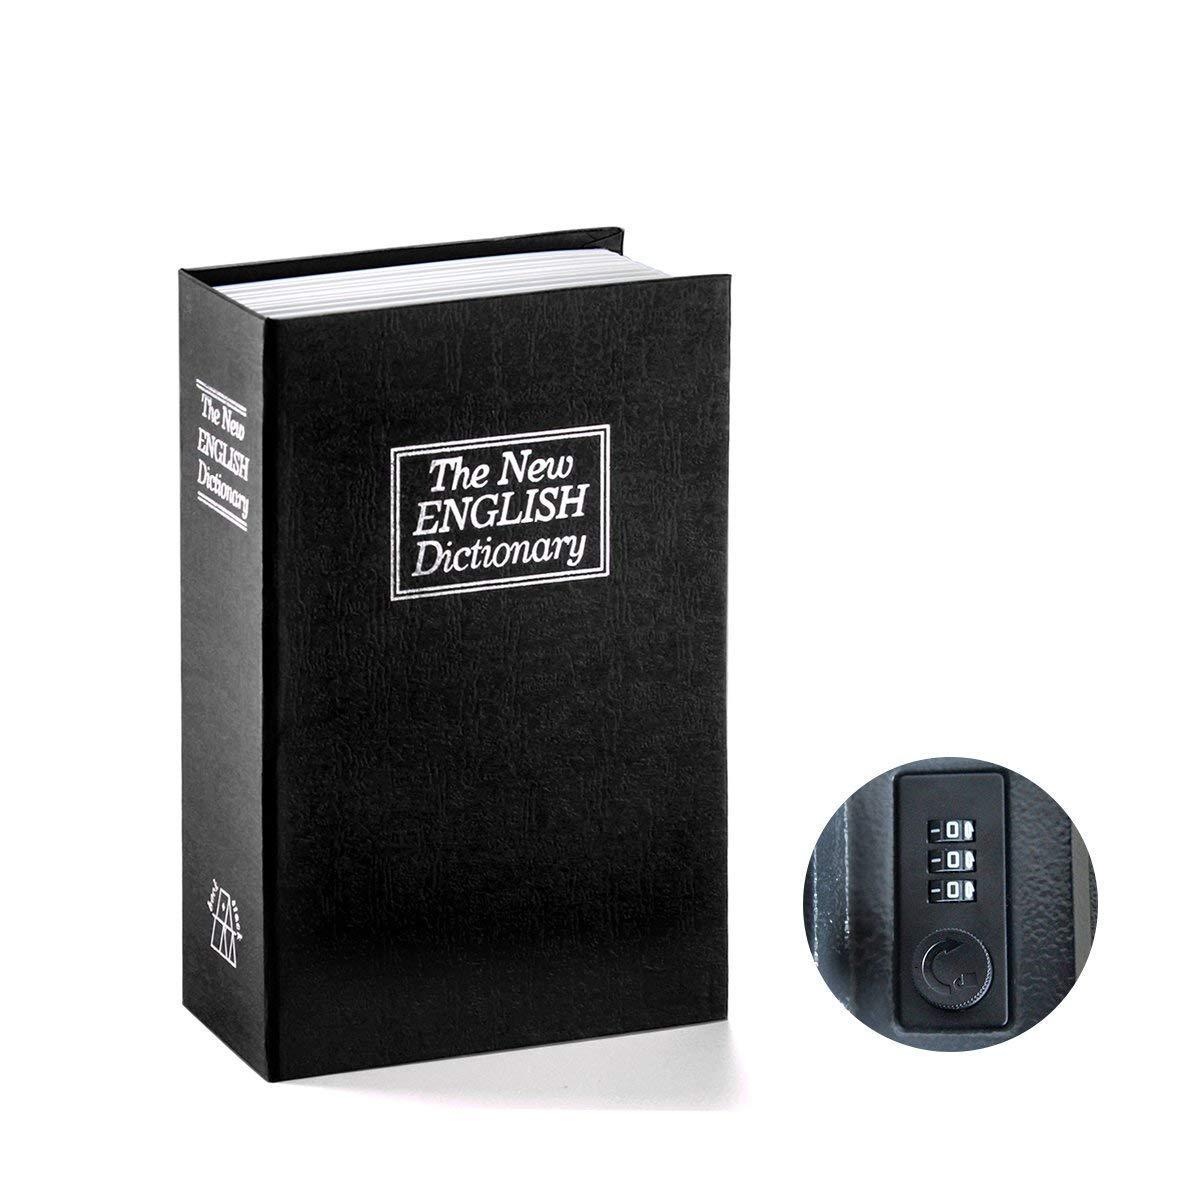 REFURBISHHOUSE Caja fuerte de libro con cerradura de combinacion ...